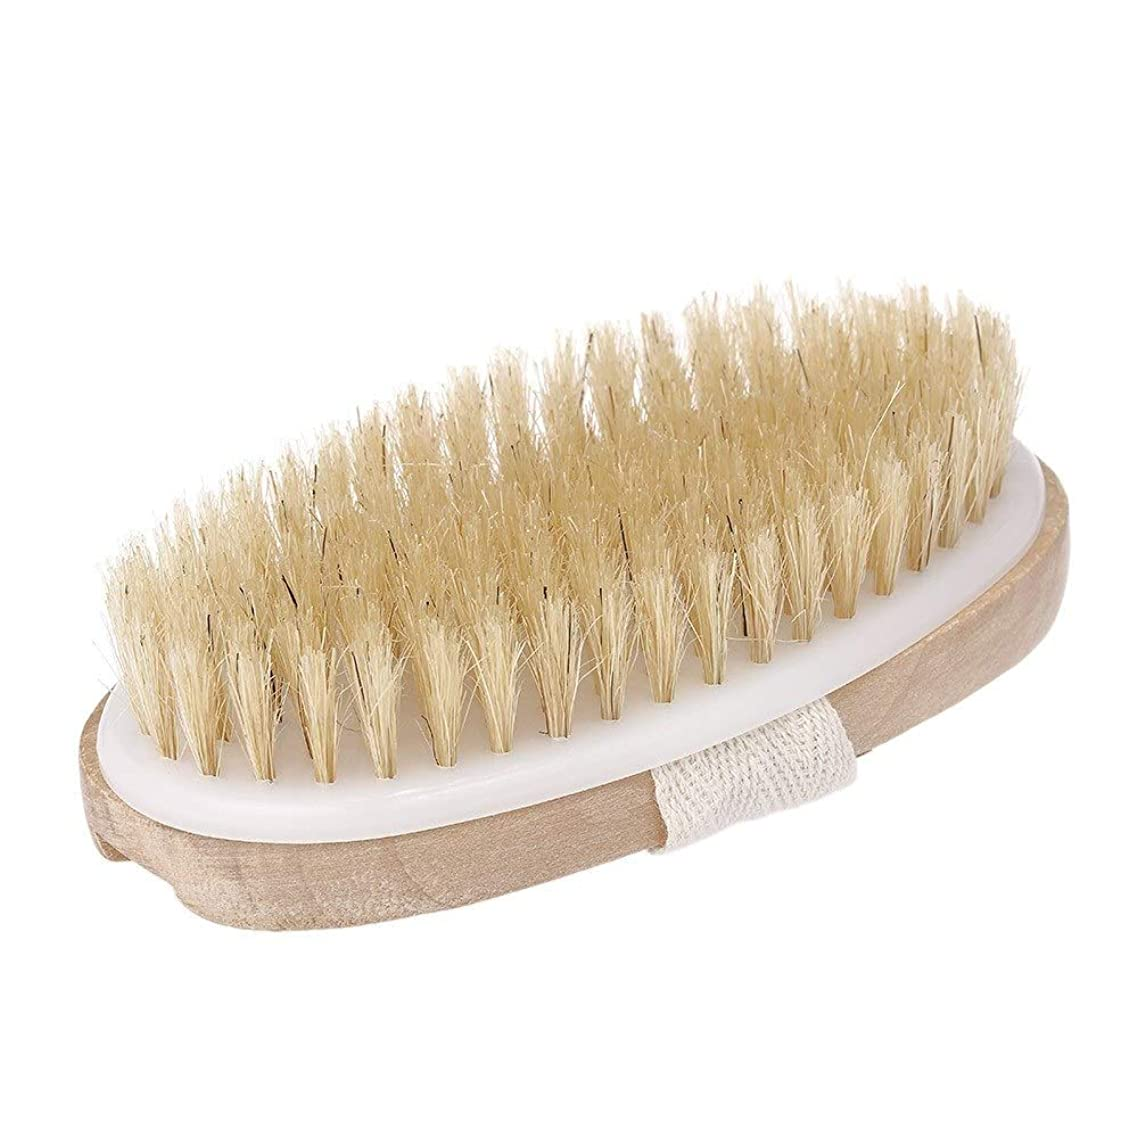 オリエント五砂の体洗いブラシ ボディクリーニングブラシ 体洗いブラシ 乾燥肌ボディブラシ ボディブラシ 木製 ハンドルベルト付 お風呂ブラシ 角質を取り除き